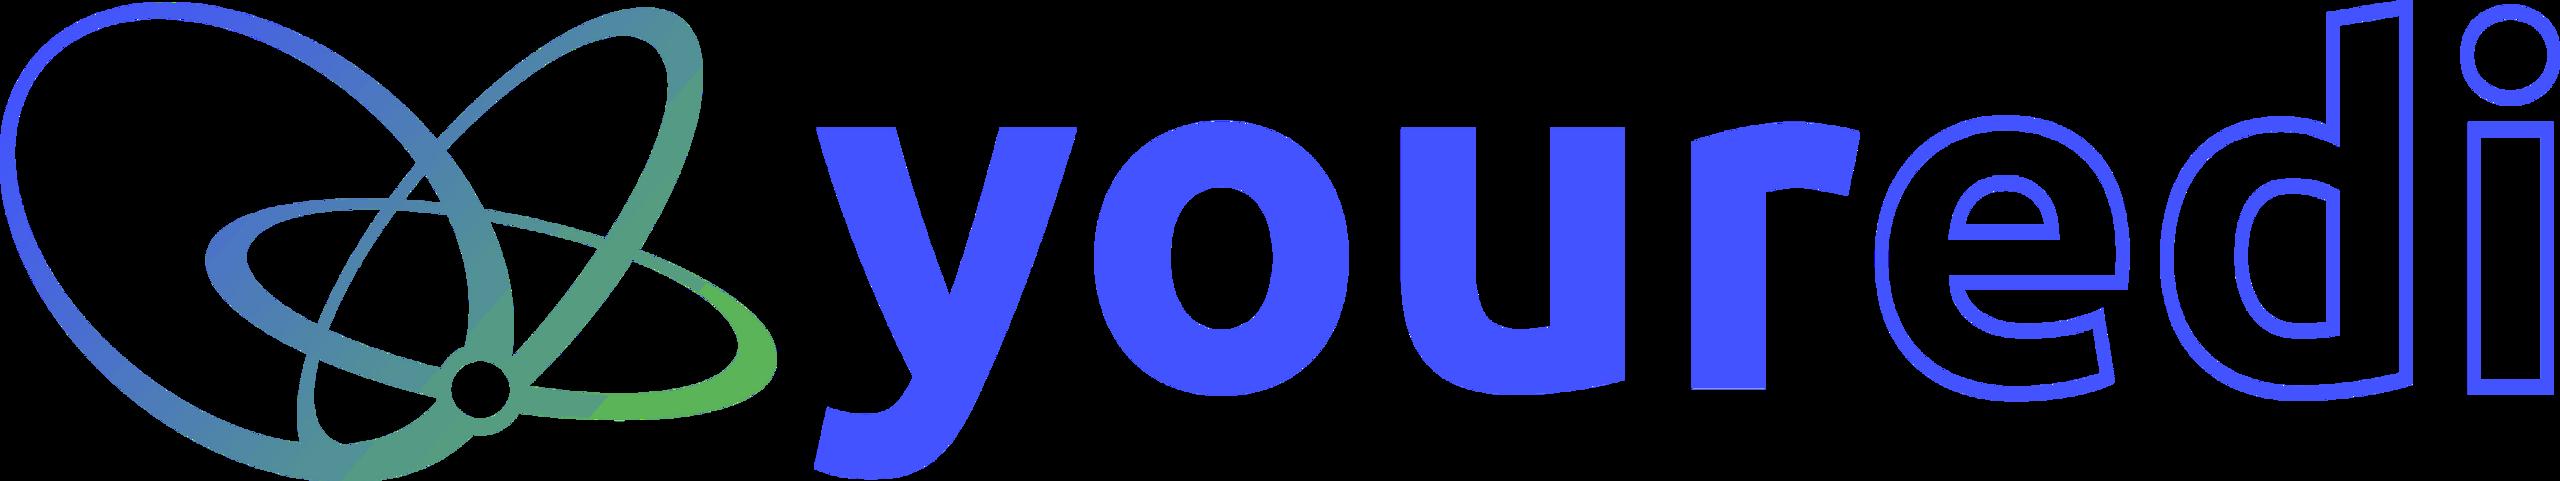 Youredi